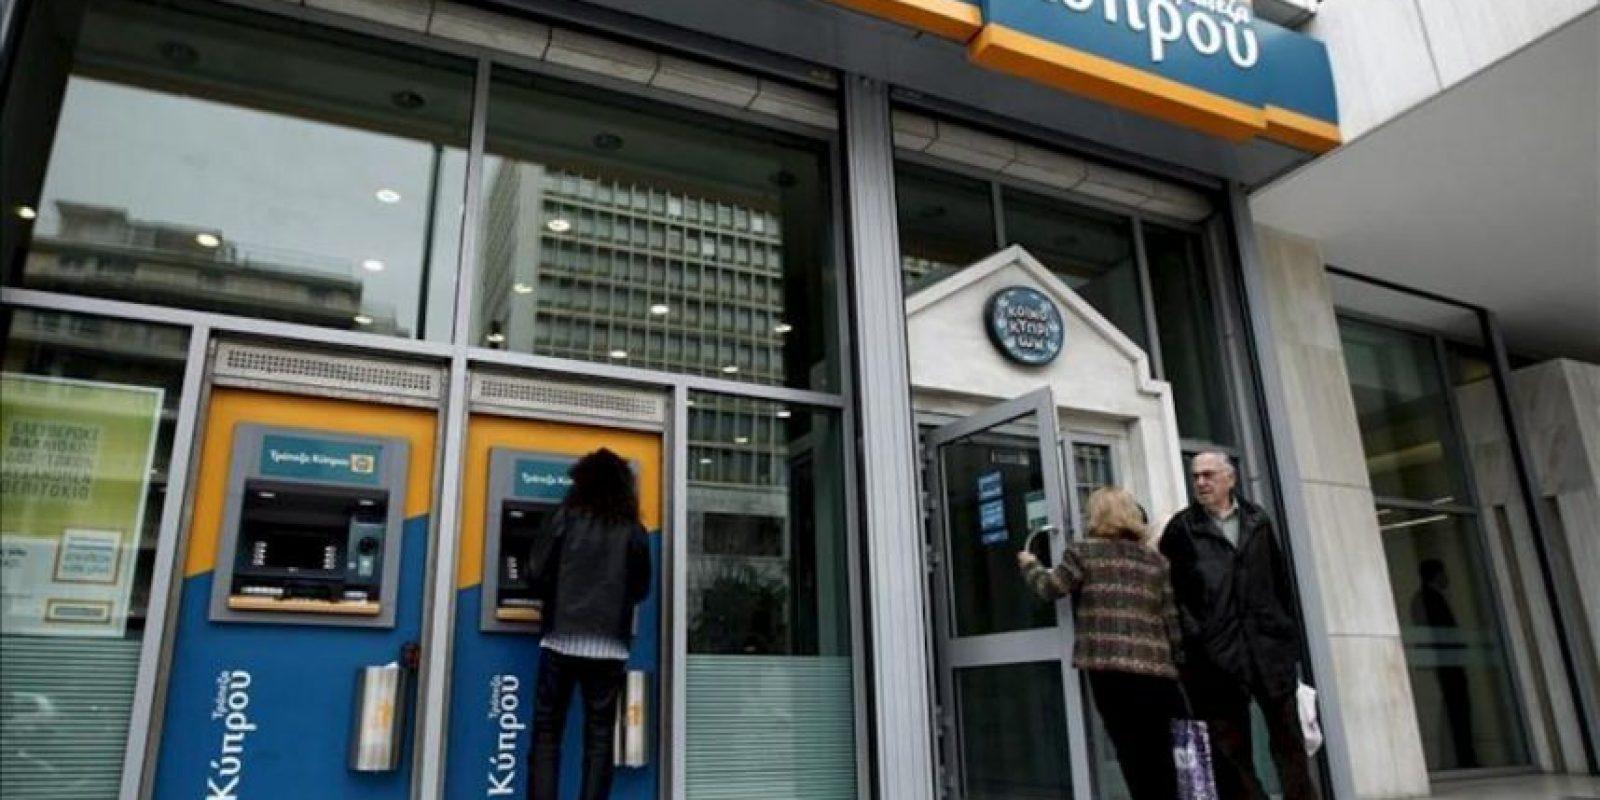 Un hombre retira dinero de un cajero automático de una sucursal del Banco de Chipre en Atenas (Grecia) hoy. EFE